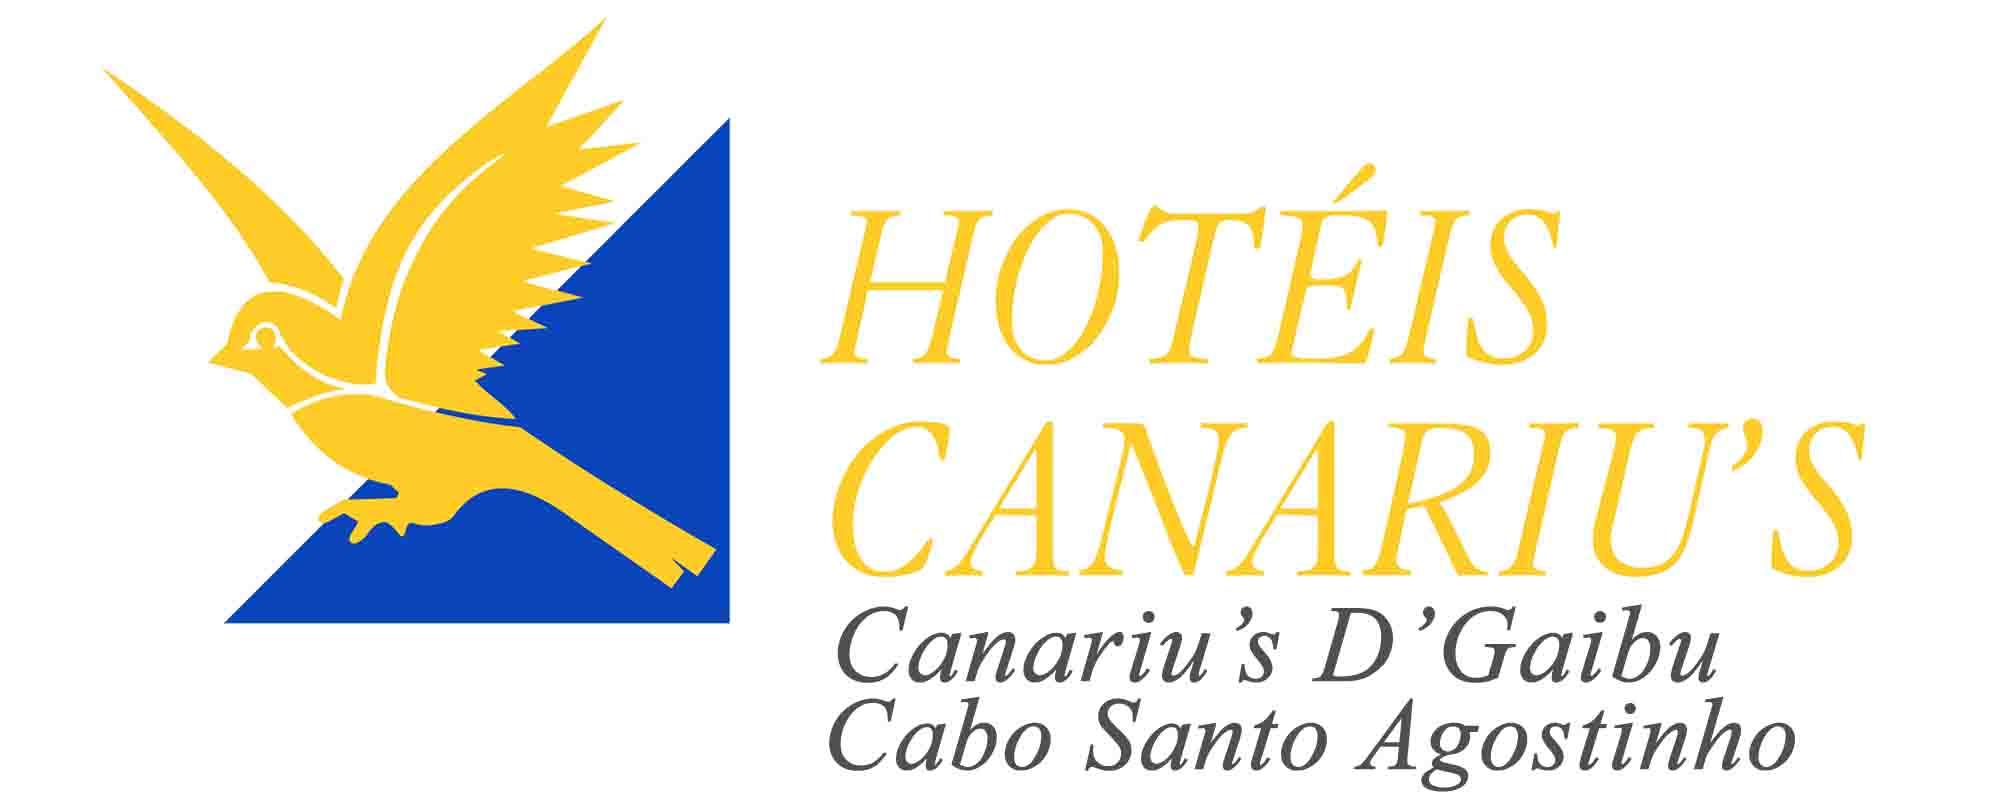 HOTEL CANARIU'S D'GAIBU